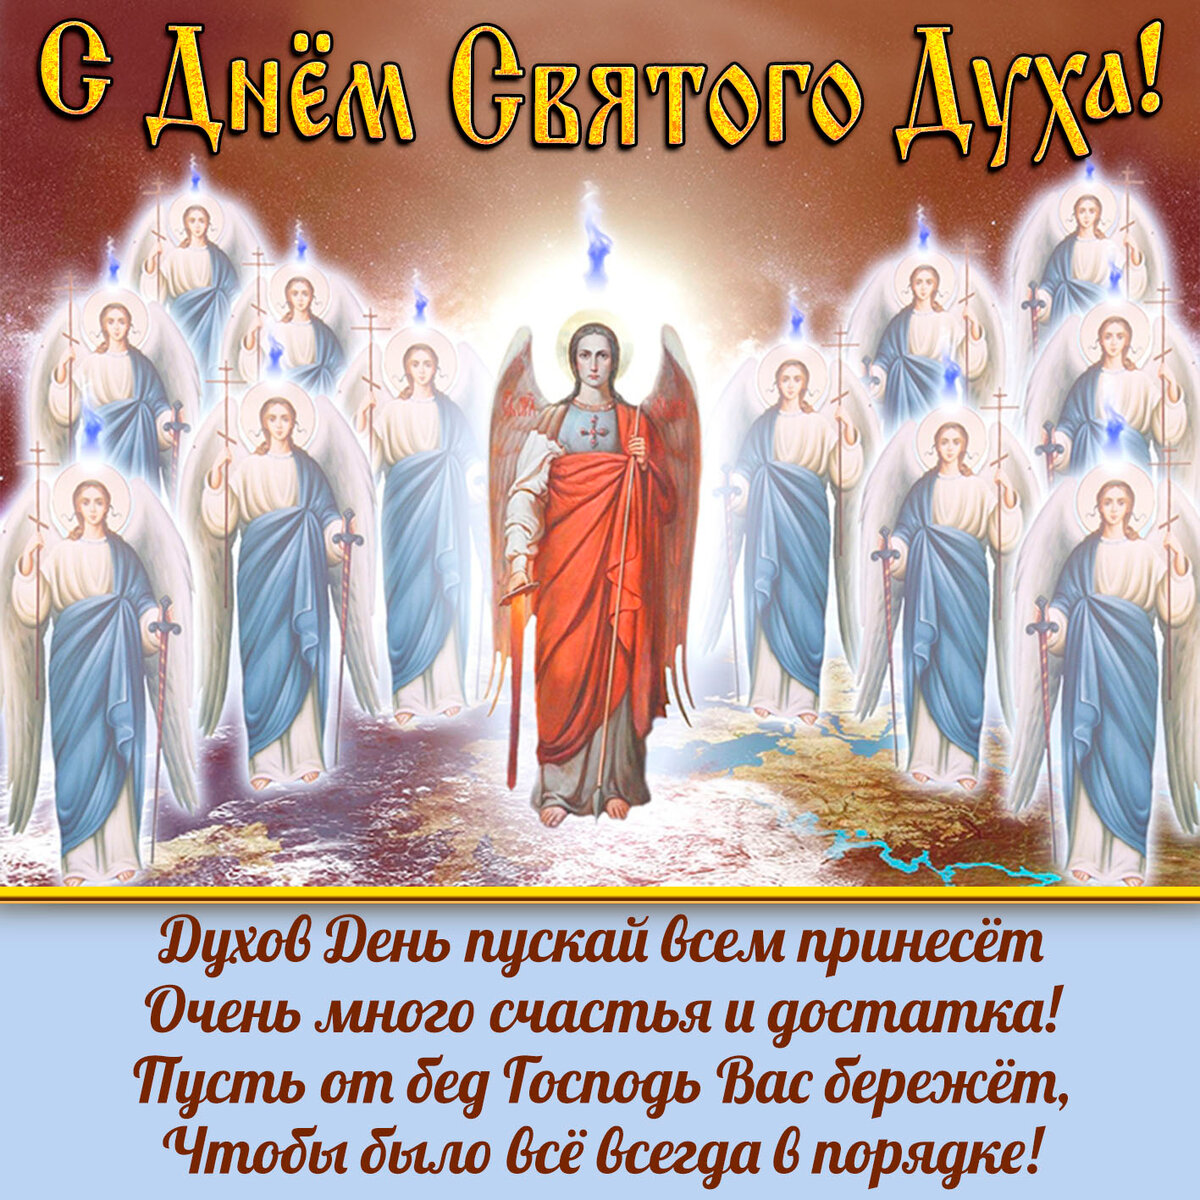 Поздравления с днем святого духа в стихах